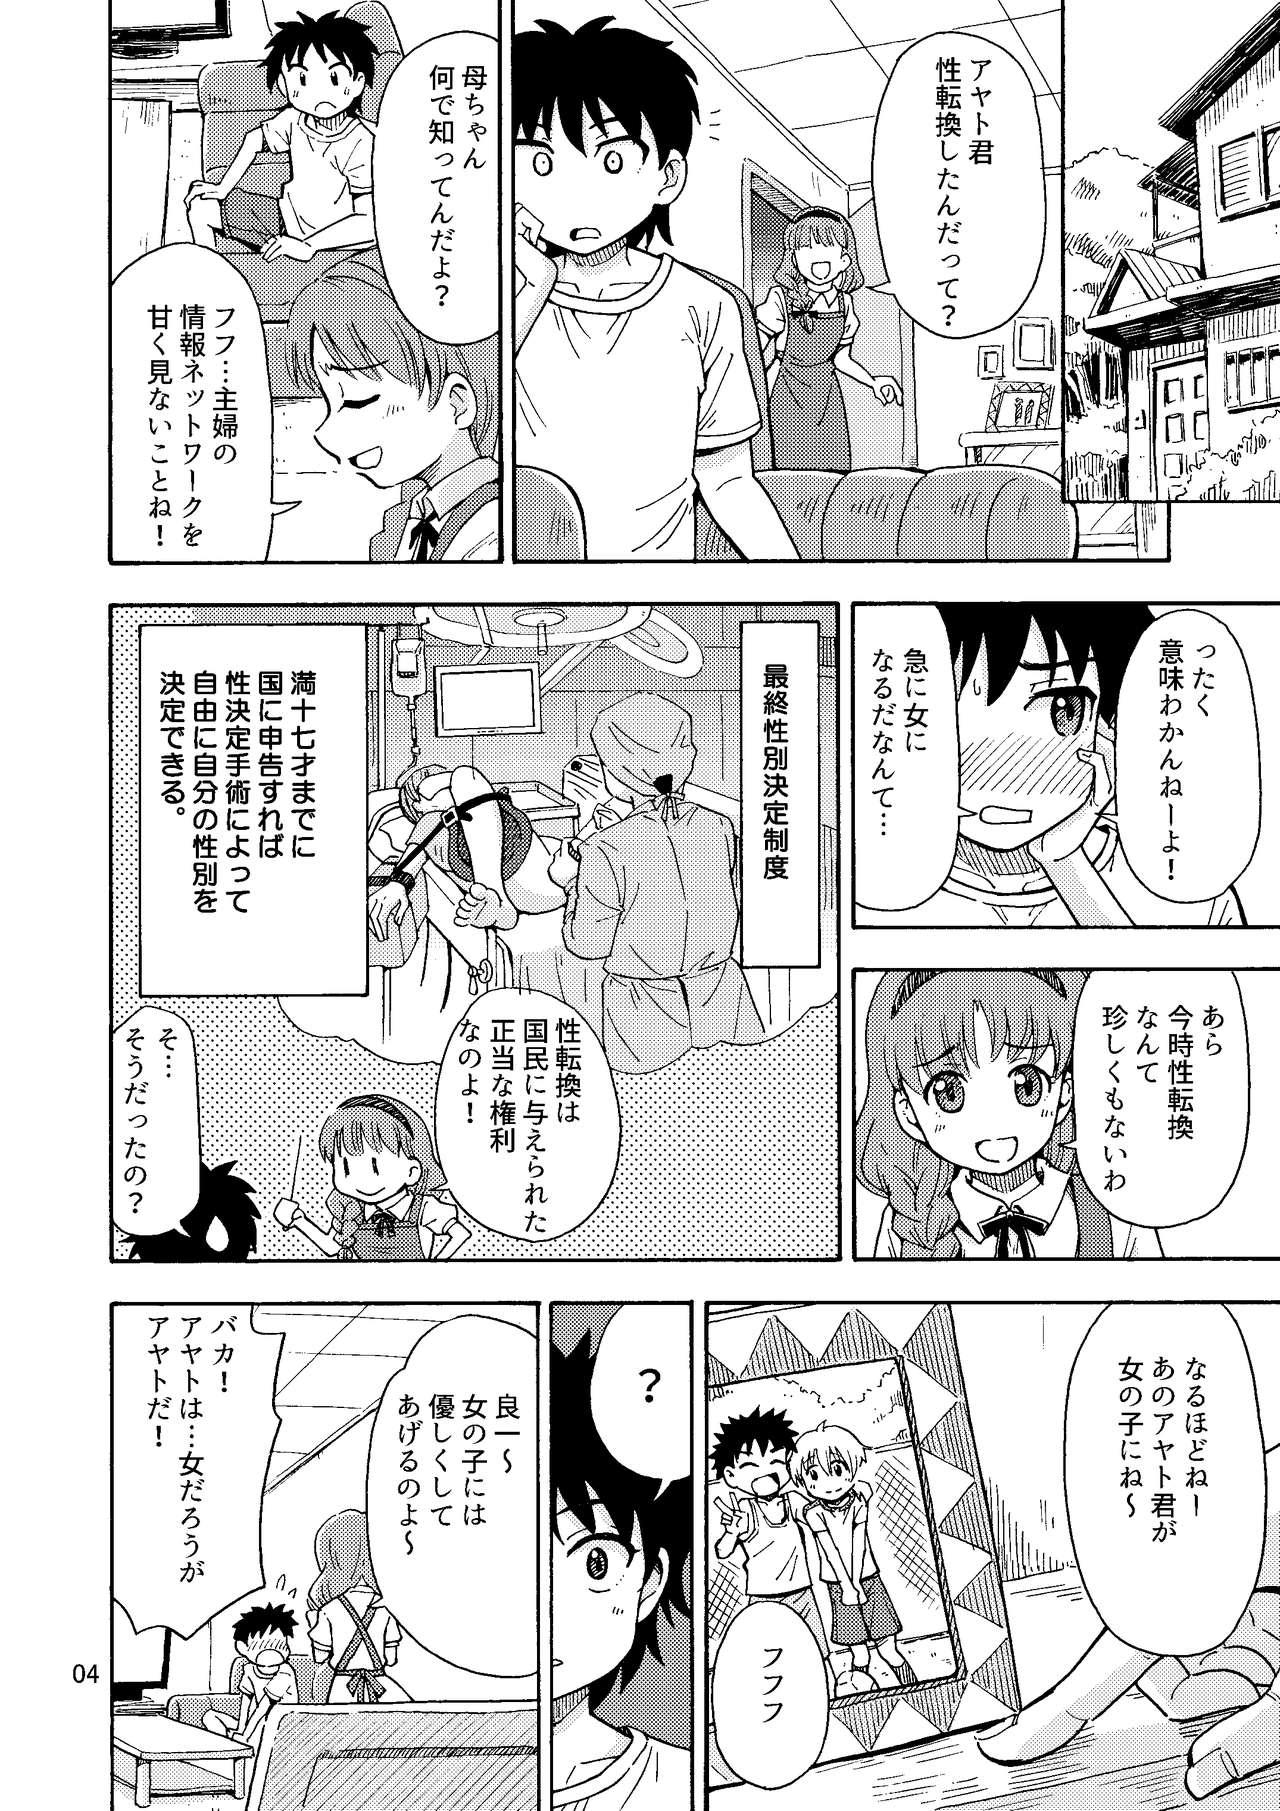 Shinyuu ga Onnanoko ni Narimashita 4